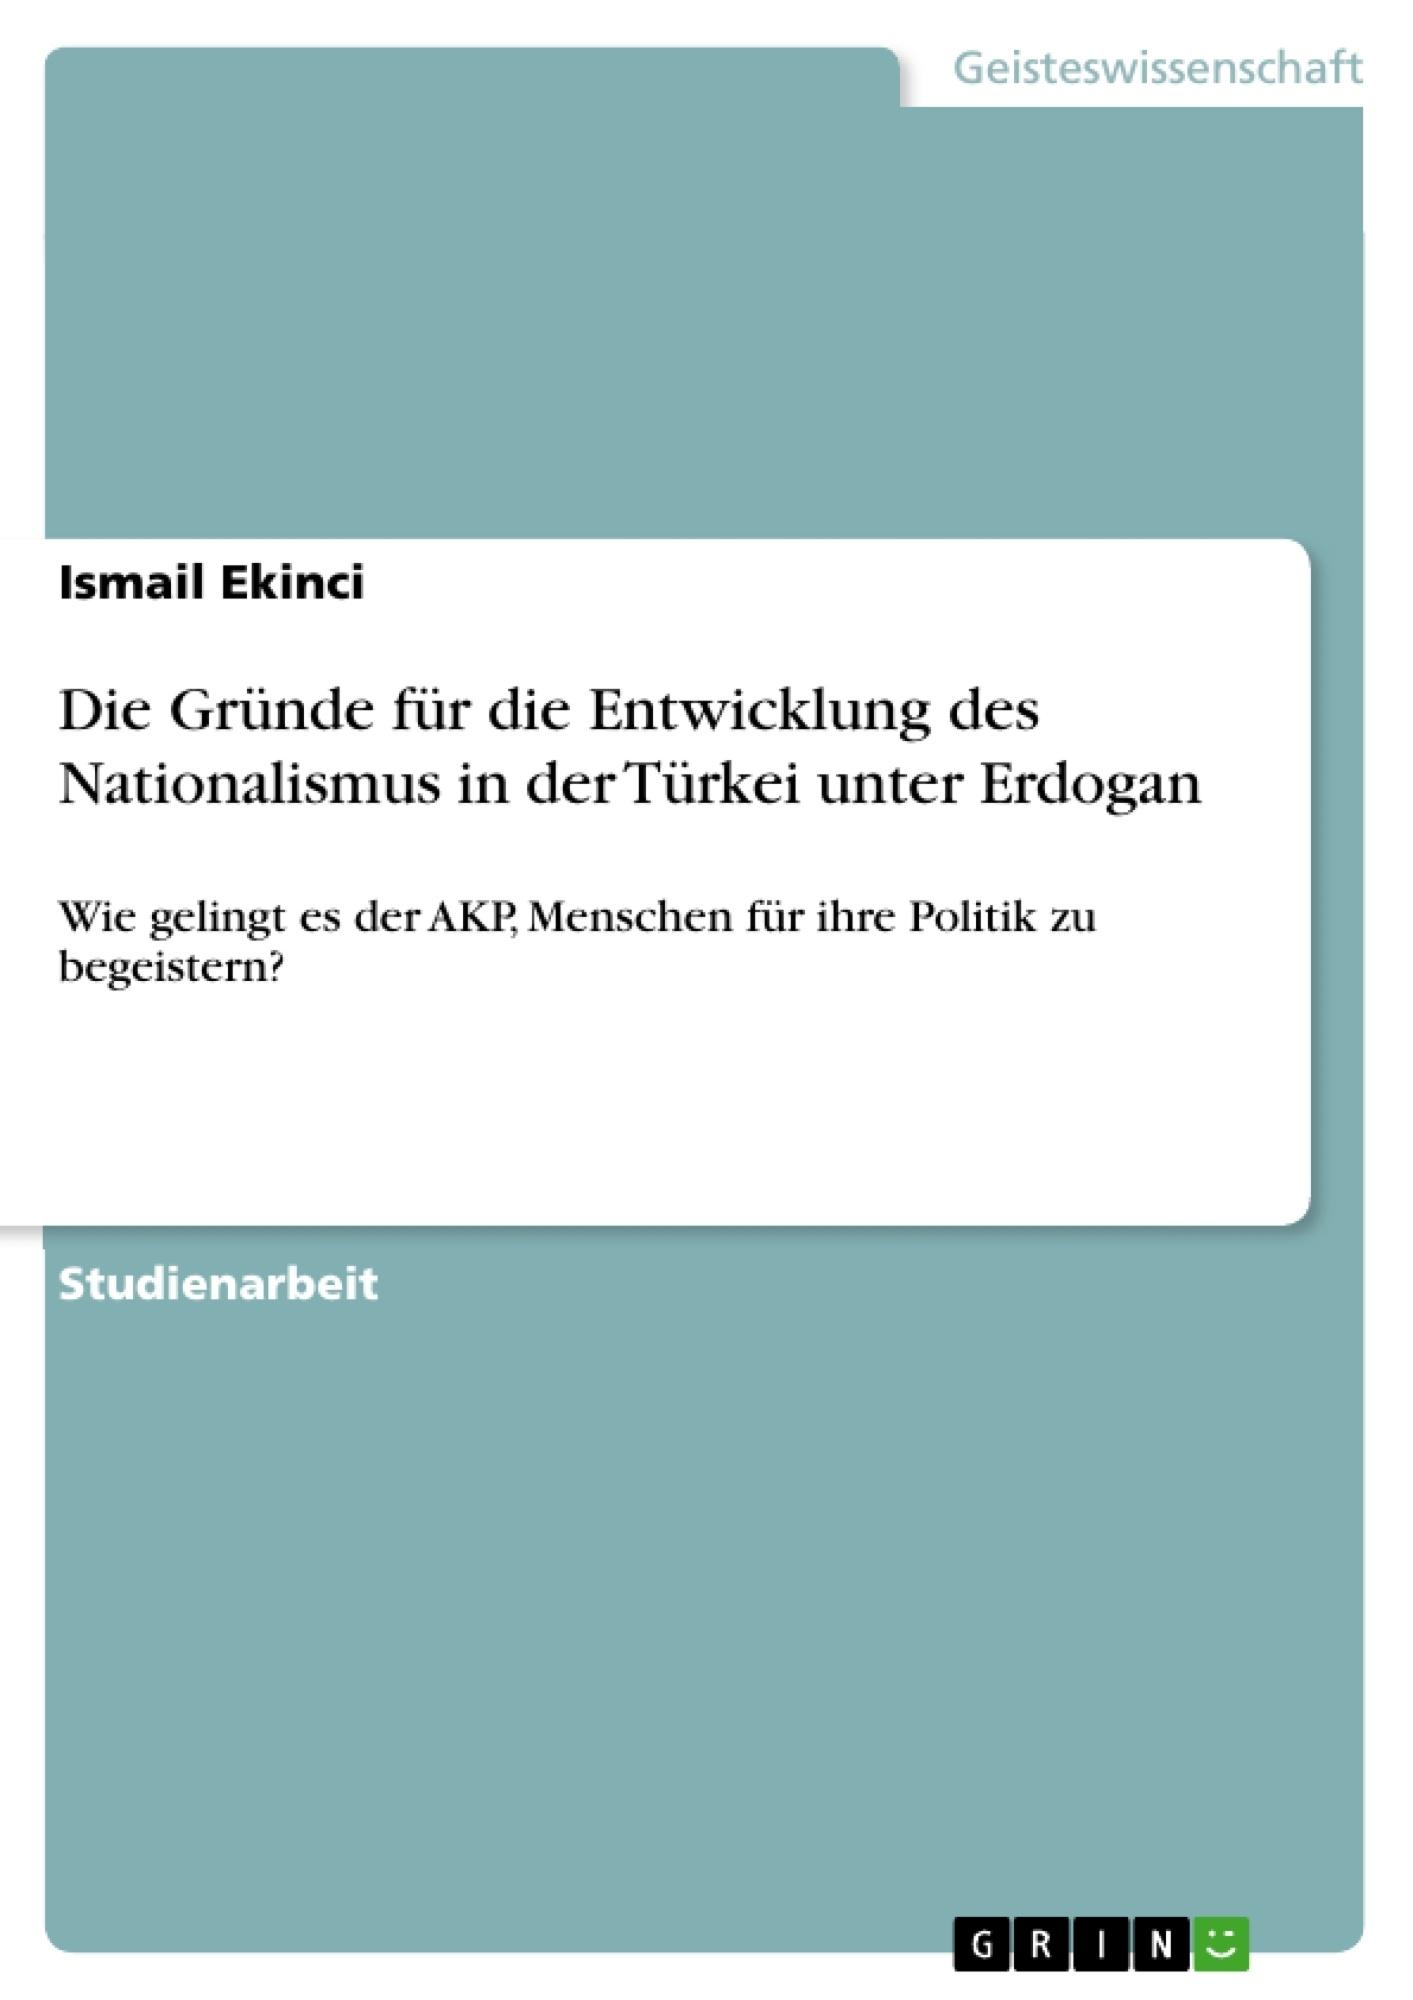 Titel: Die Gründe für die Entwicklung des Nationalismus in der Türkei unter Erdogan